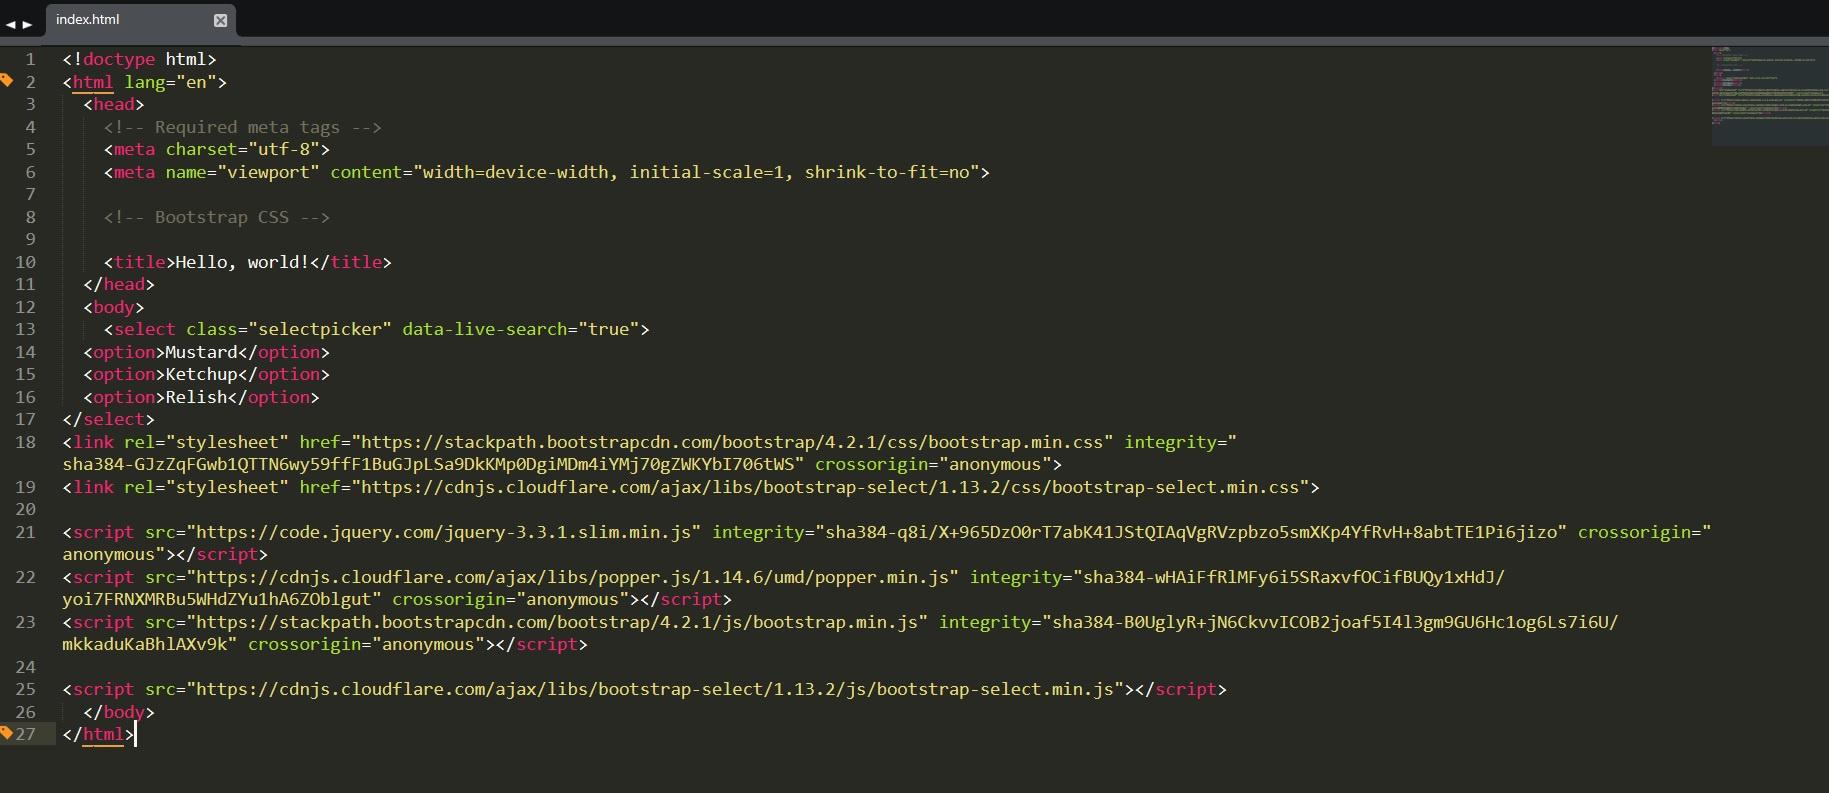 Почему не применяются стили bootstrap-select к bootstrap? — Toster ru